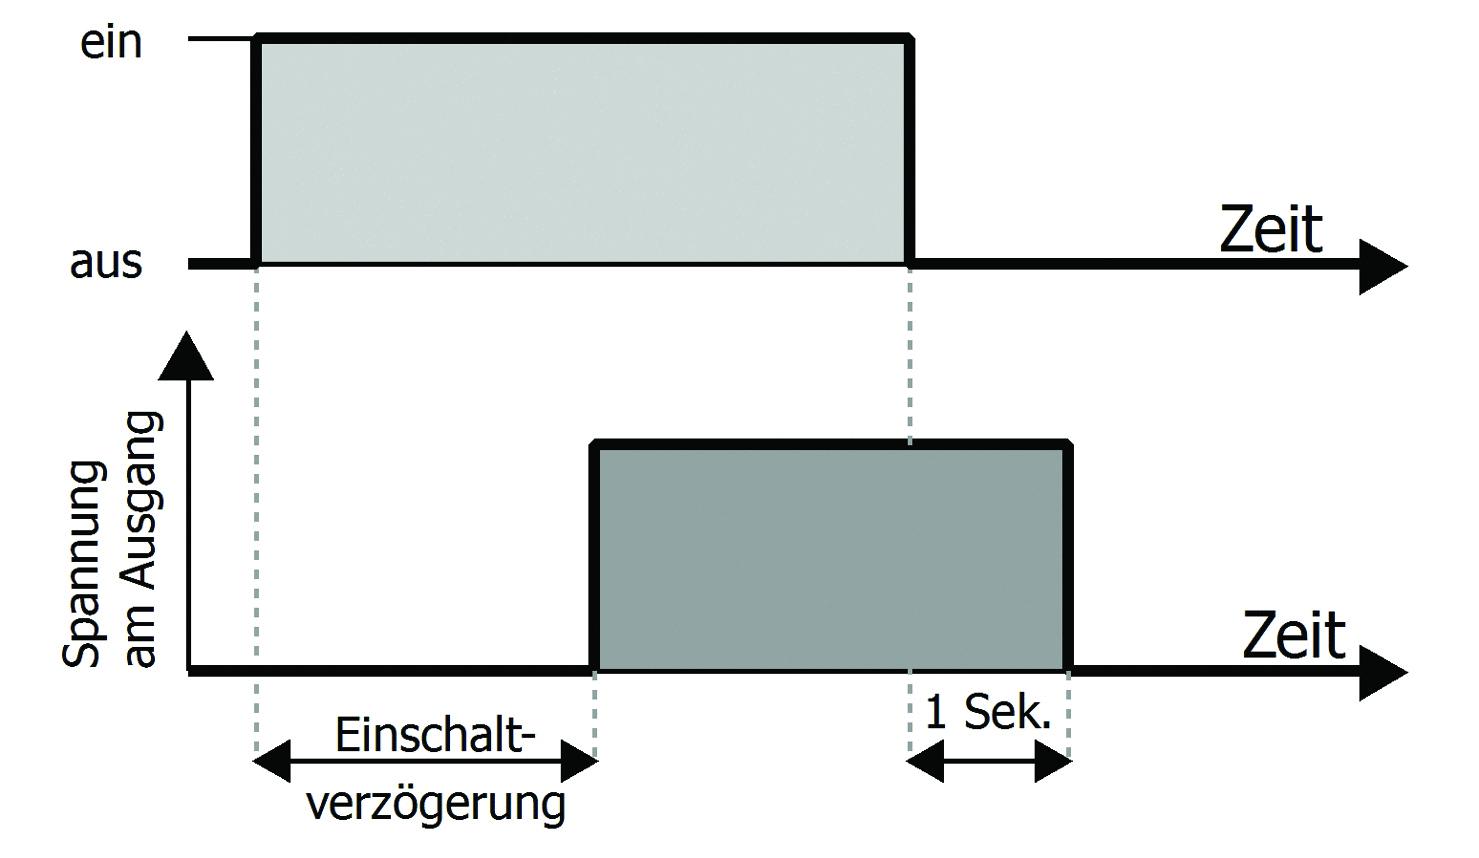 Großzügig Heißwasserzylinderanschlüsse Diagramm Zeitgenössisch ...